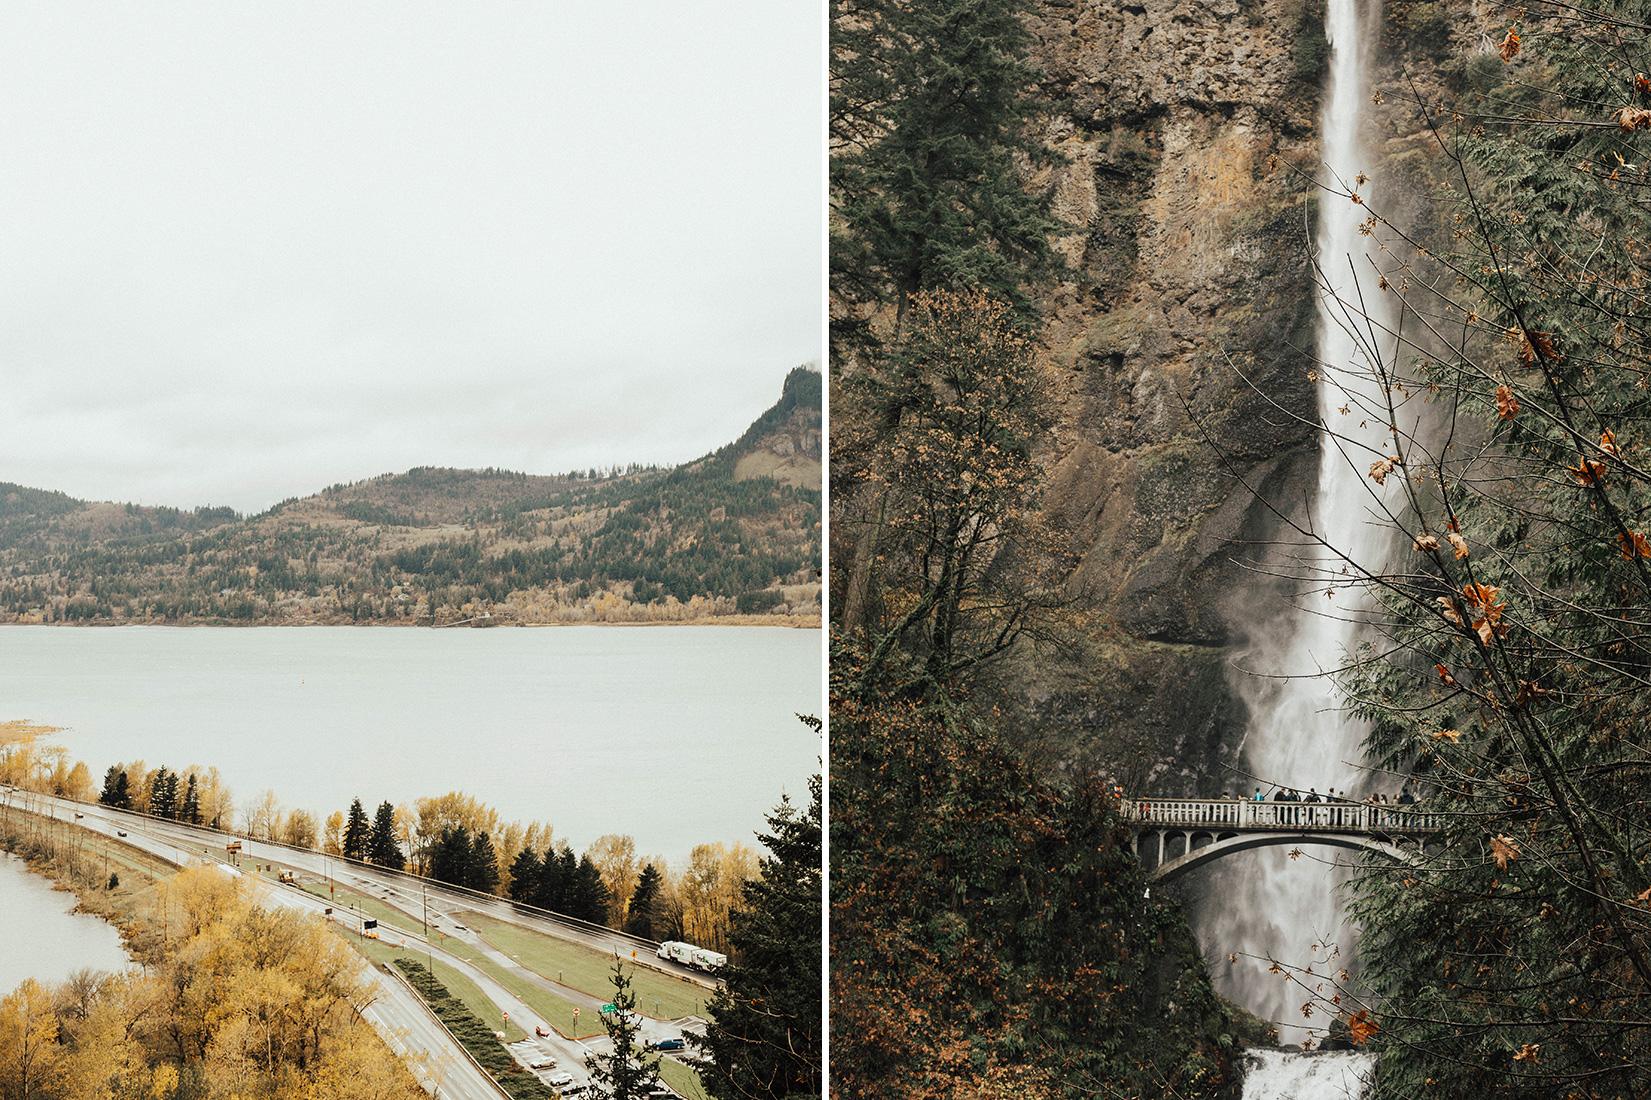 WaterfallCollage.jpg